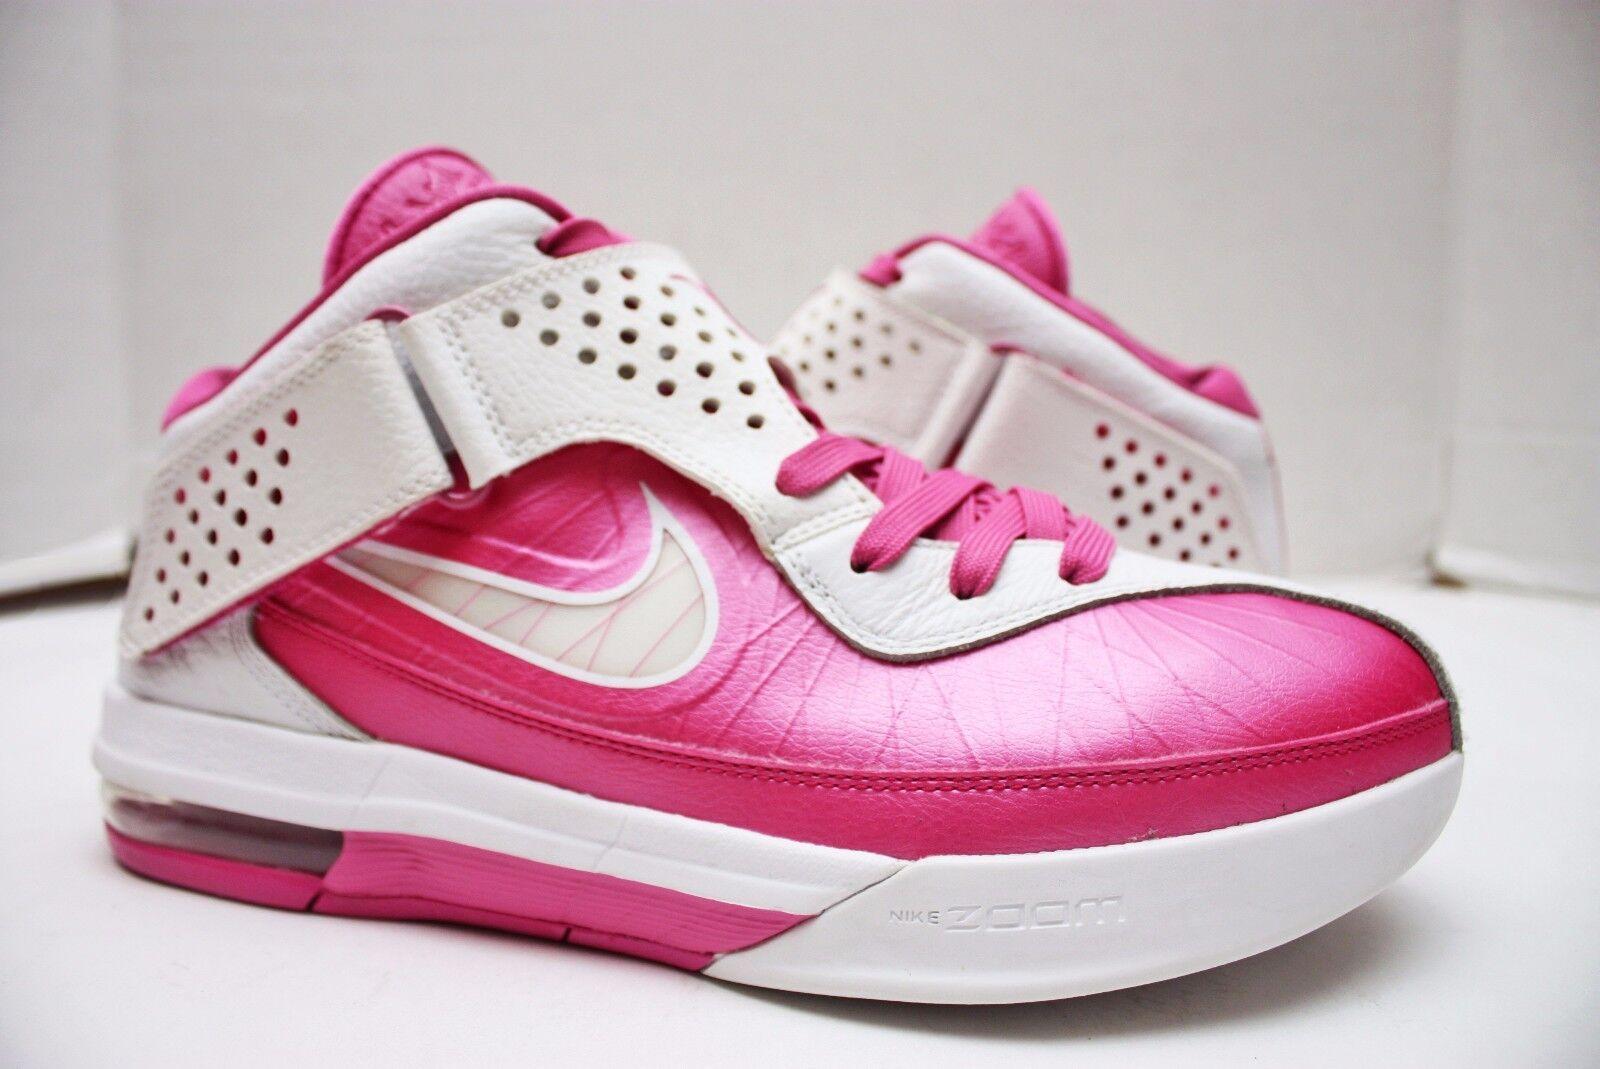 Nike lebron soldato / 5 dimensioni 10 - bianco - rosa - il cancro al seno - 454131 601